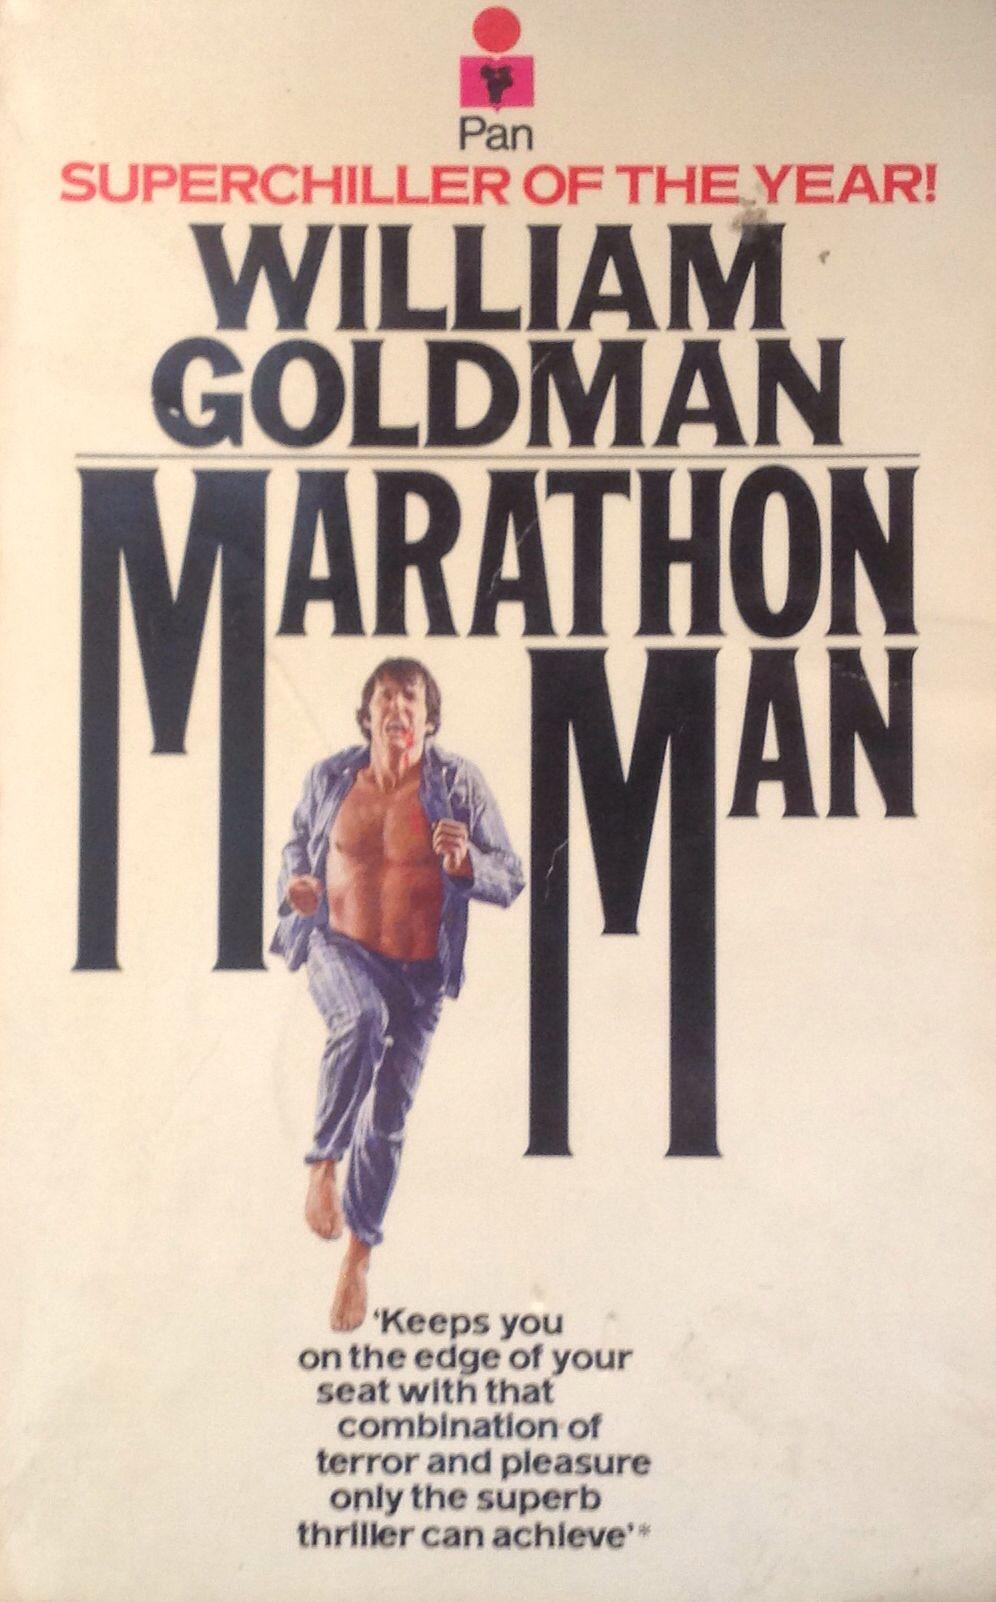 Marathon man - William Goldman, 1976